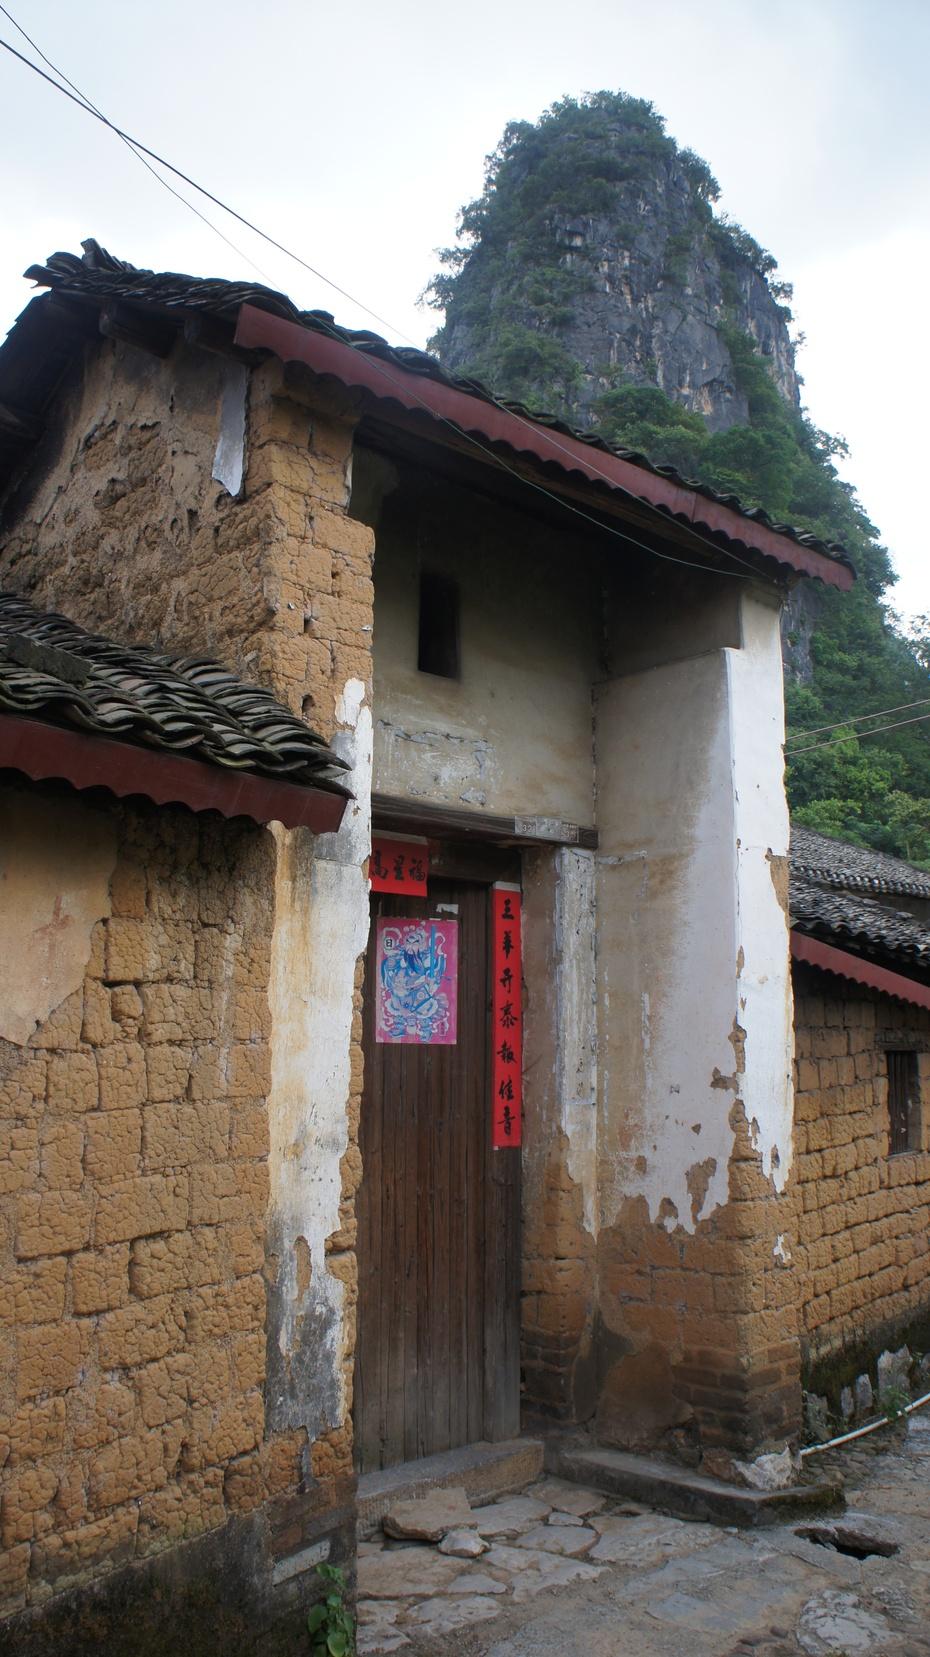 杨家将南征屯兵地:银龙古寨 - 余昌国 - 我的博客